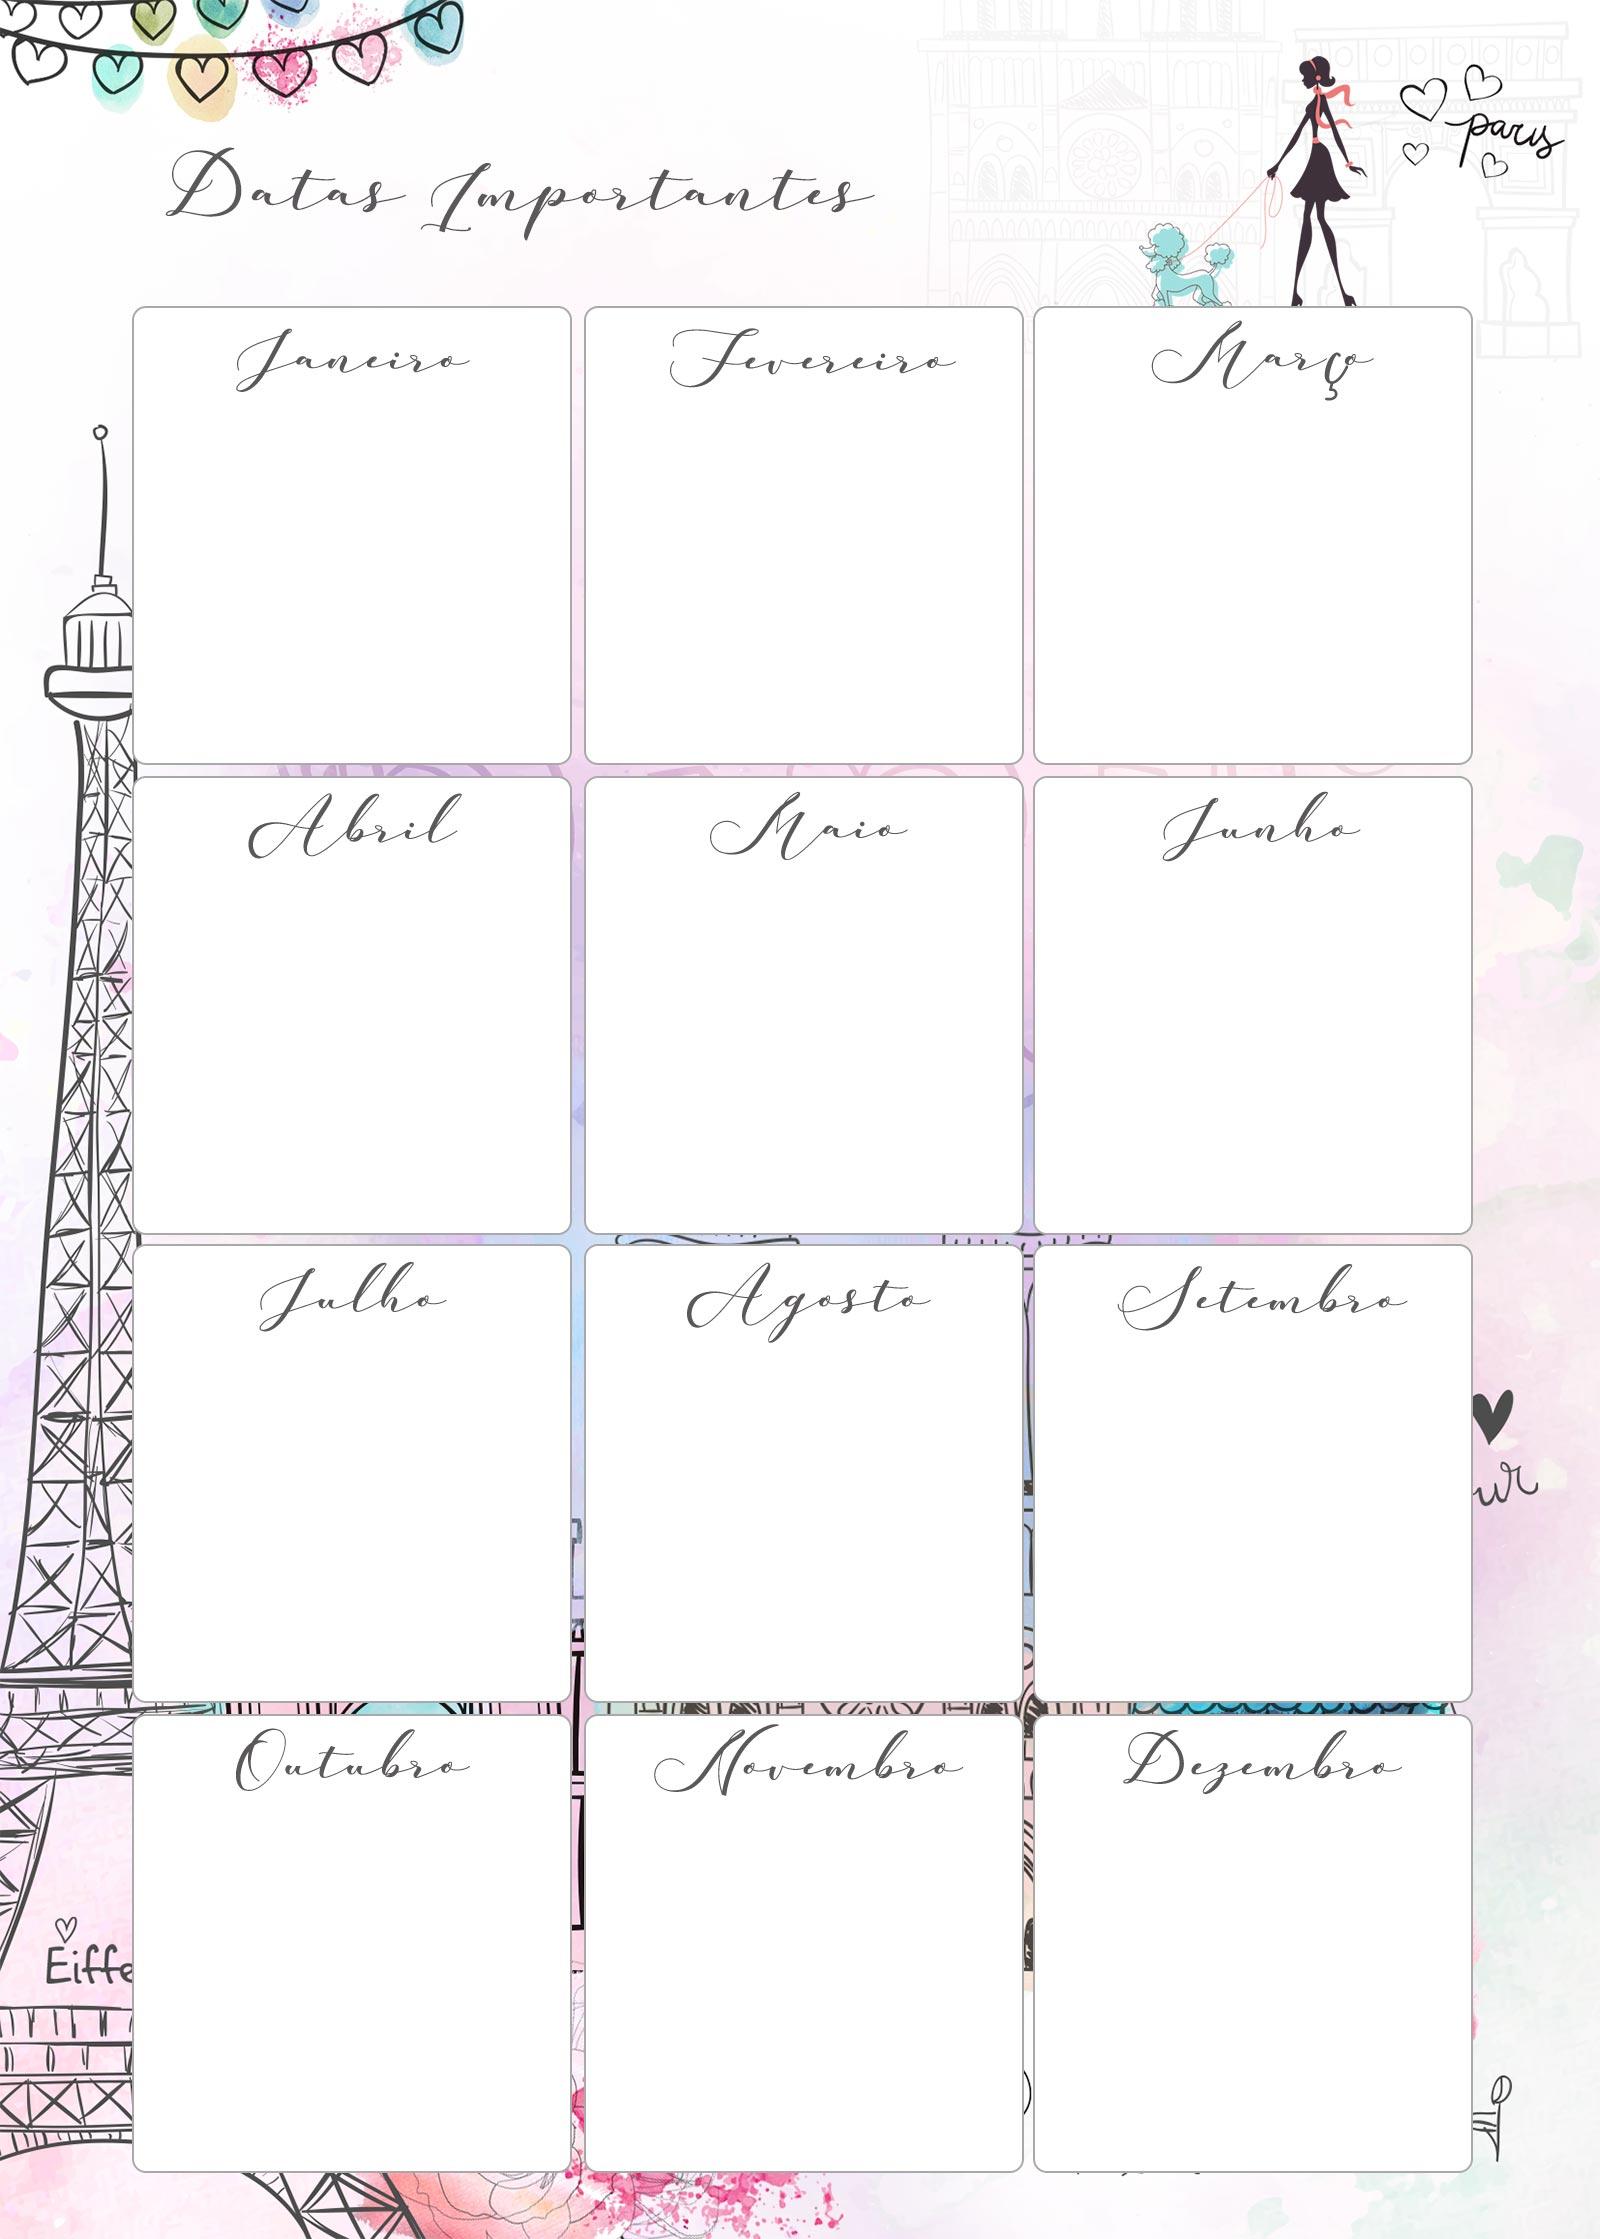 Planner Paris datas importantes